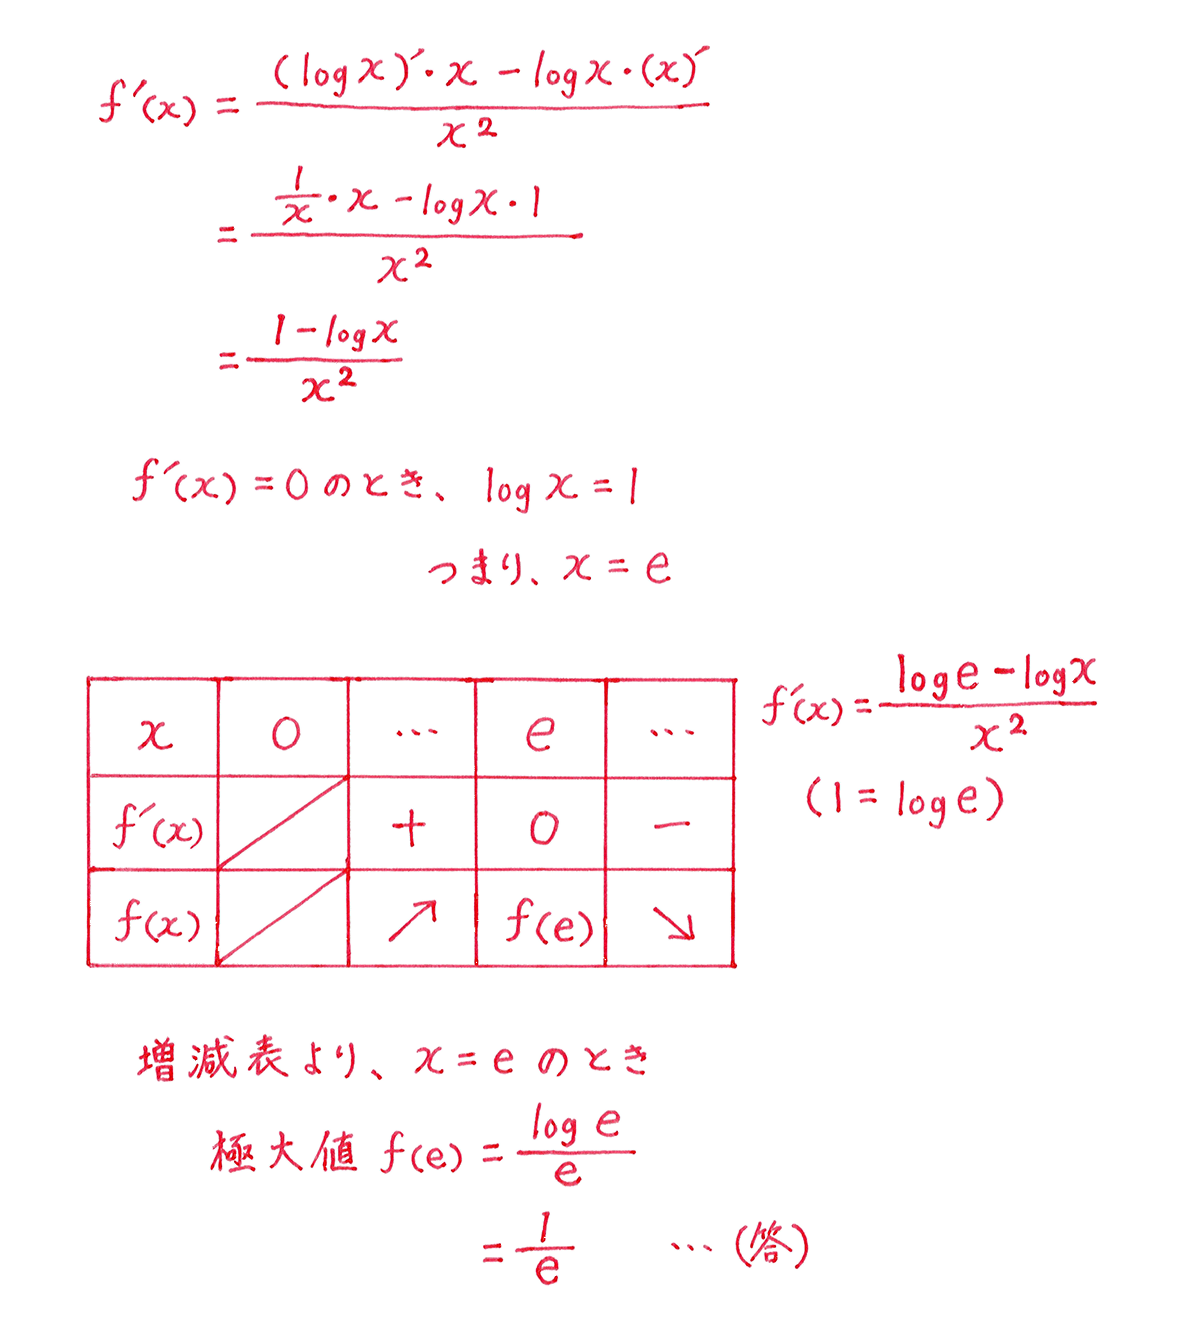 微分法の応用8 問題 答え